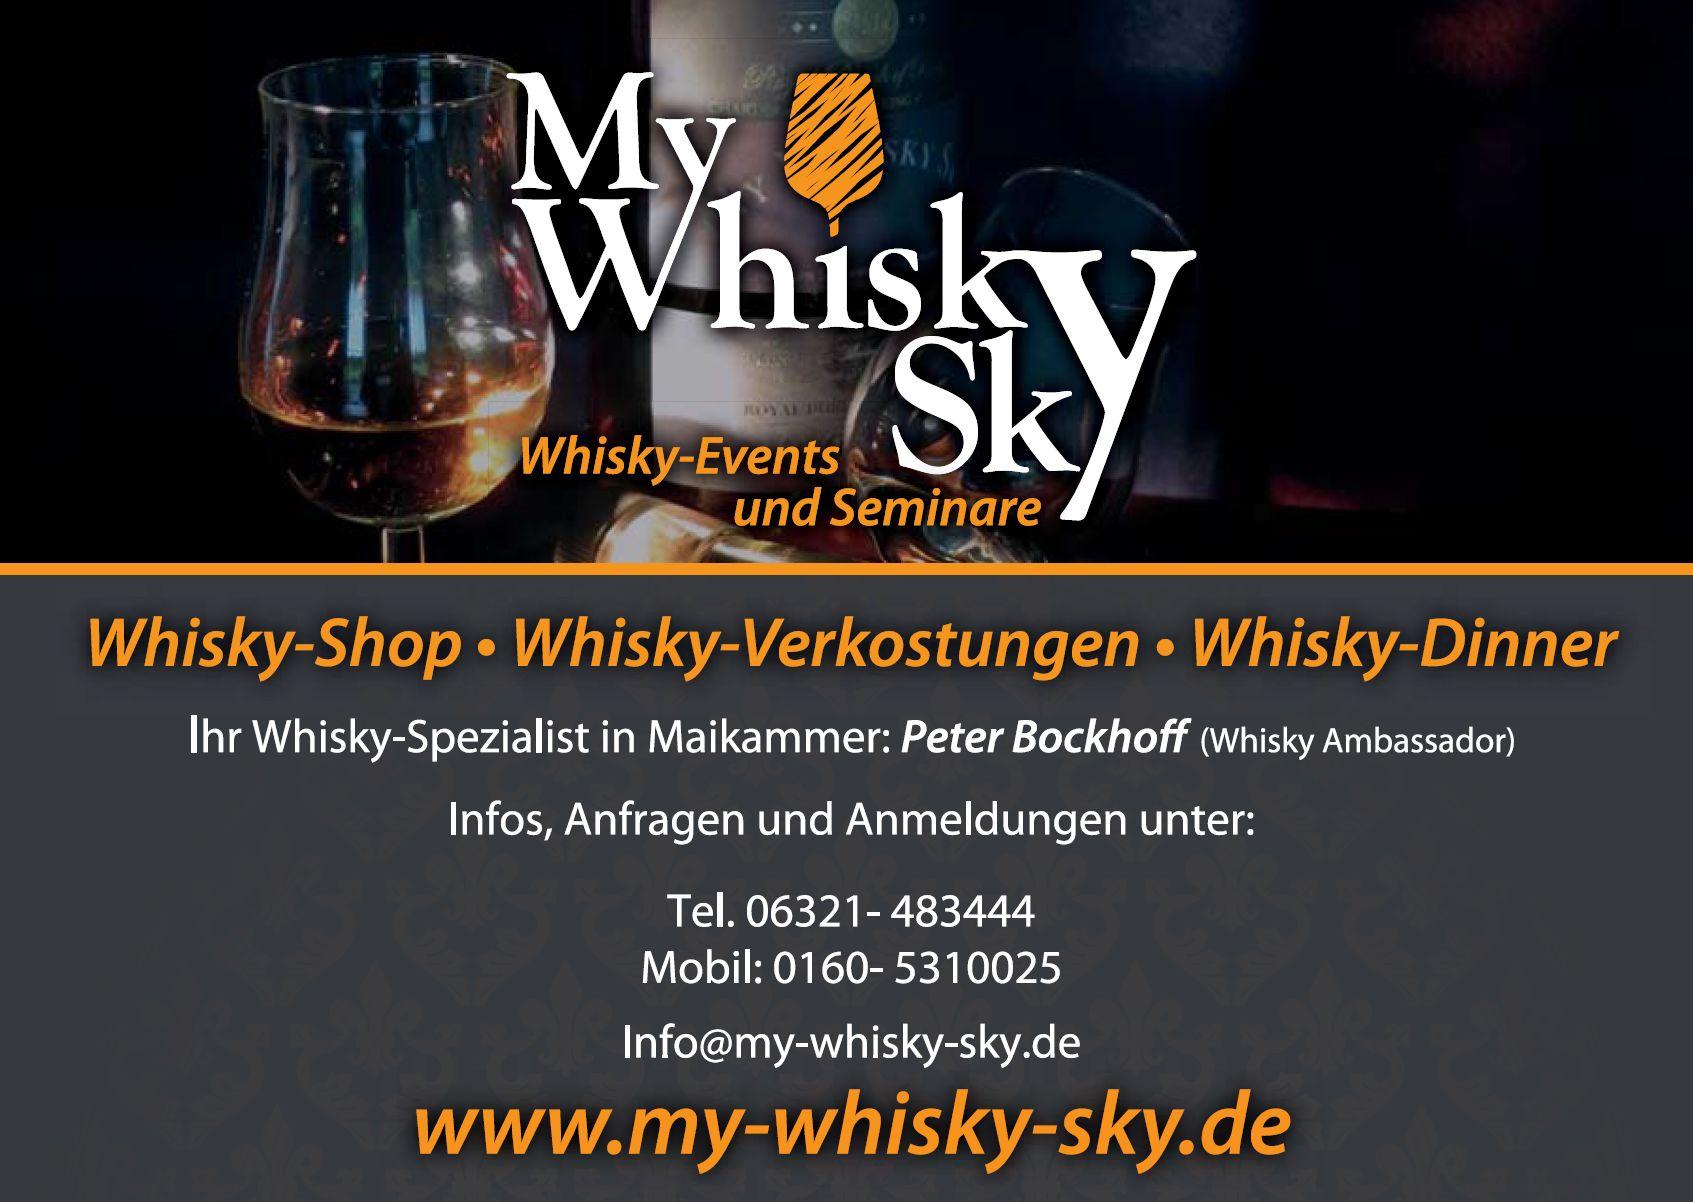 My Whisky Sky